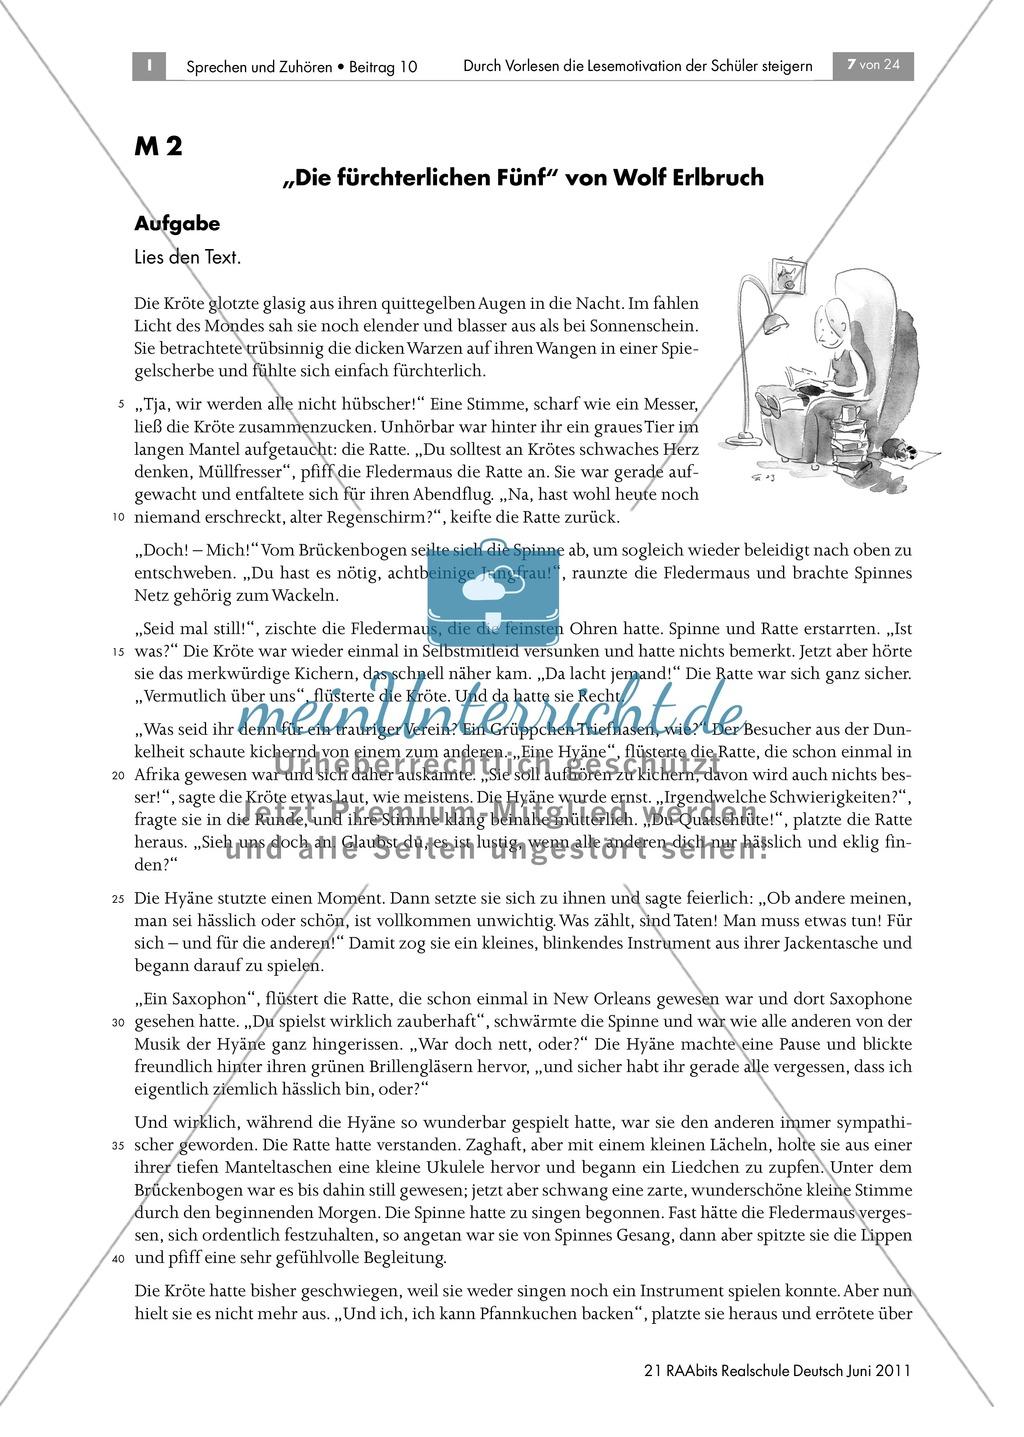 Förderung der Lesemotivation durch das Vorlesen von Geschichten anhand Wolf Erlbruchs